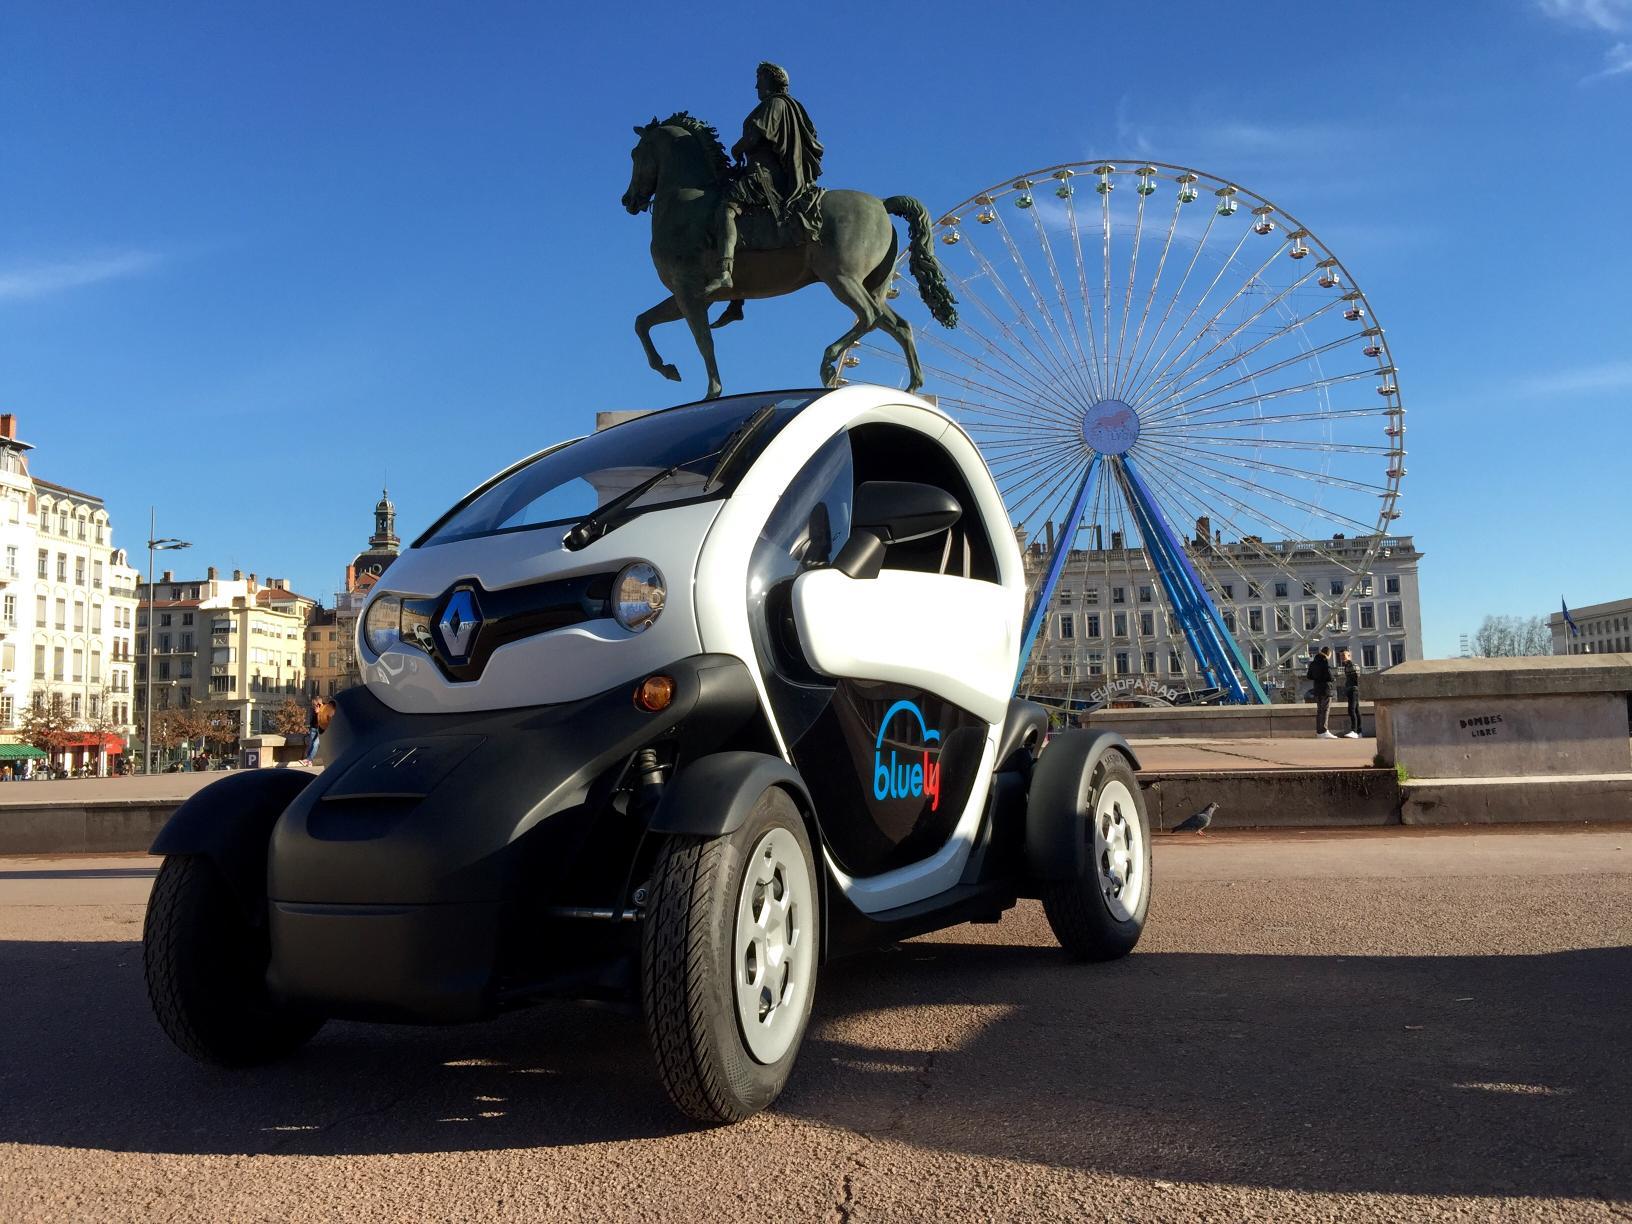 Renault leader dei veicoli elettrici in Europa